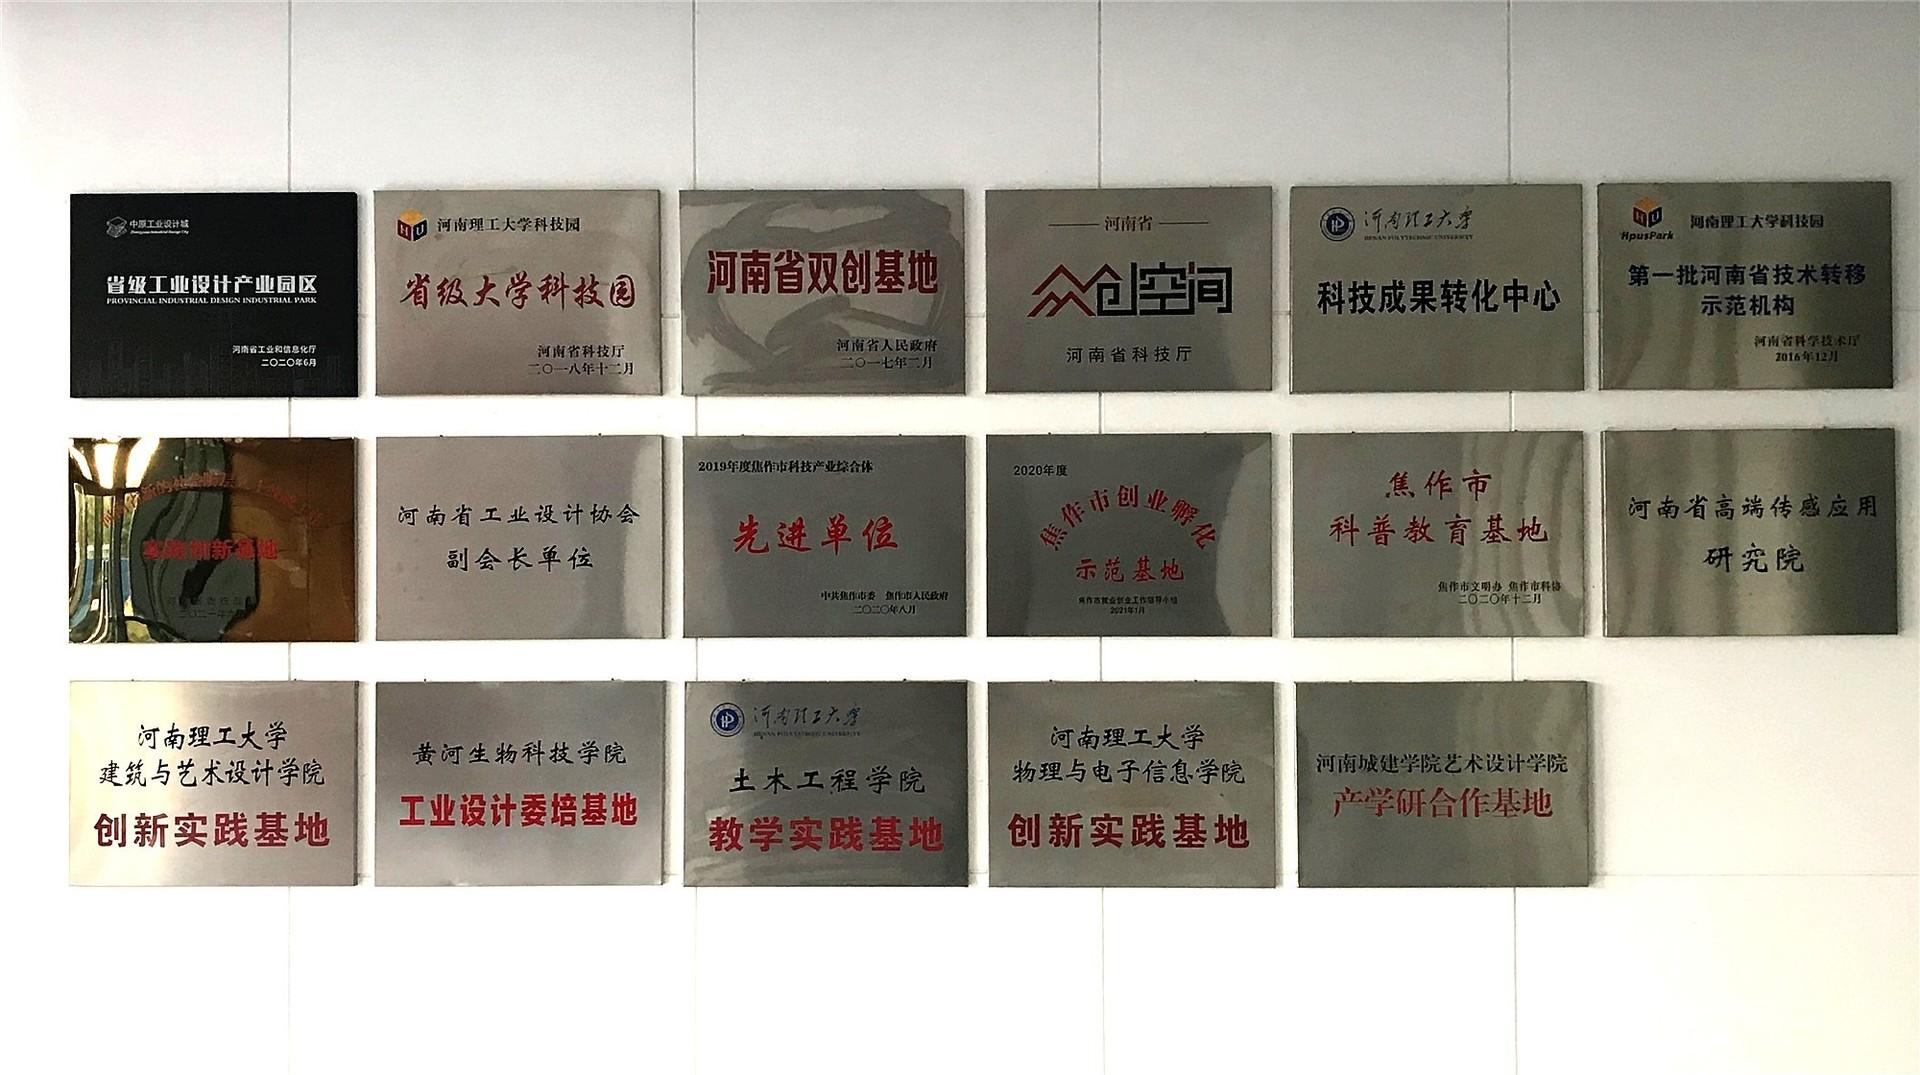 展厅荣誉牌_副本.jpg